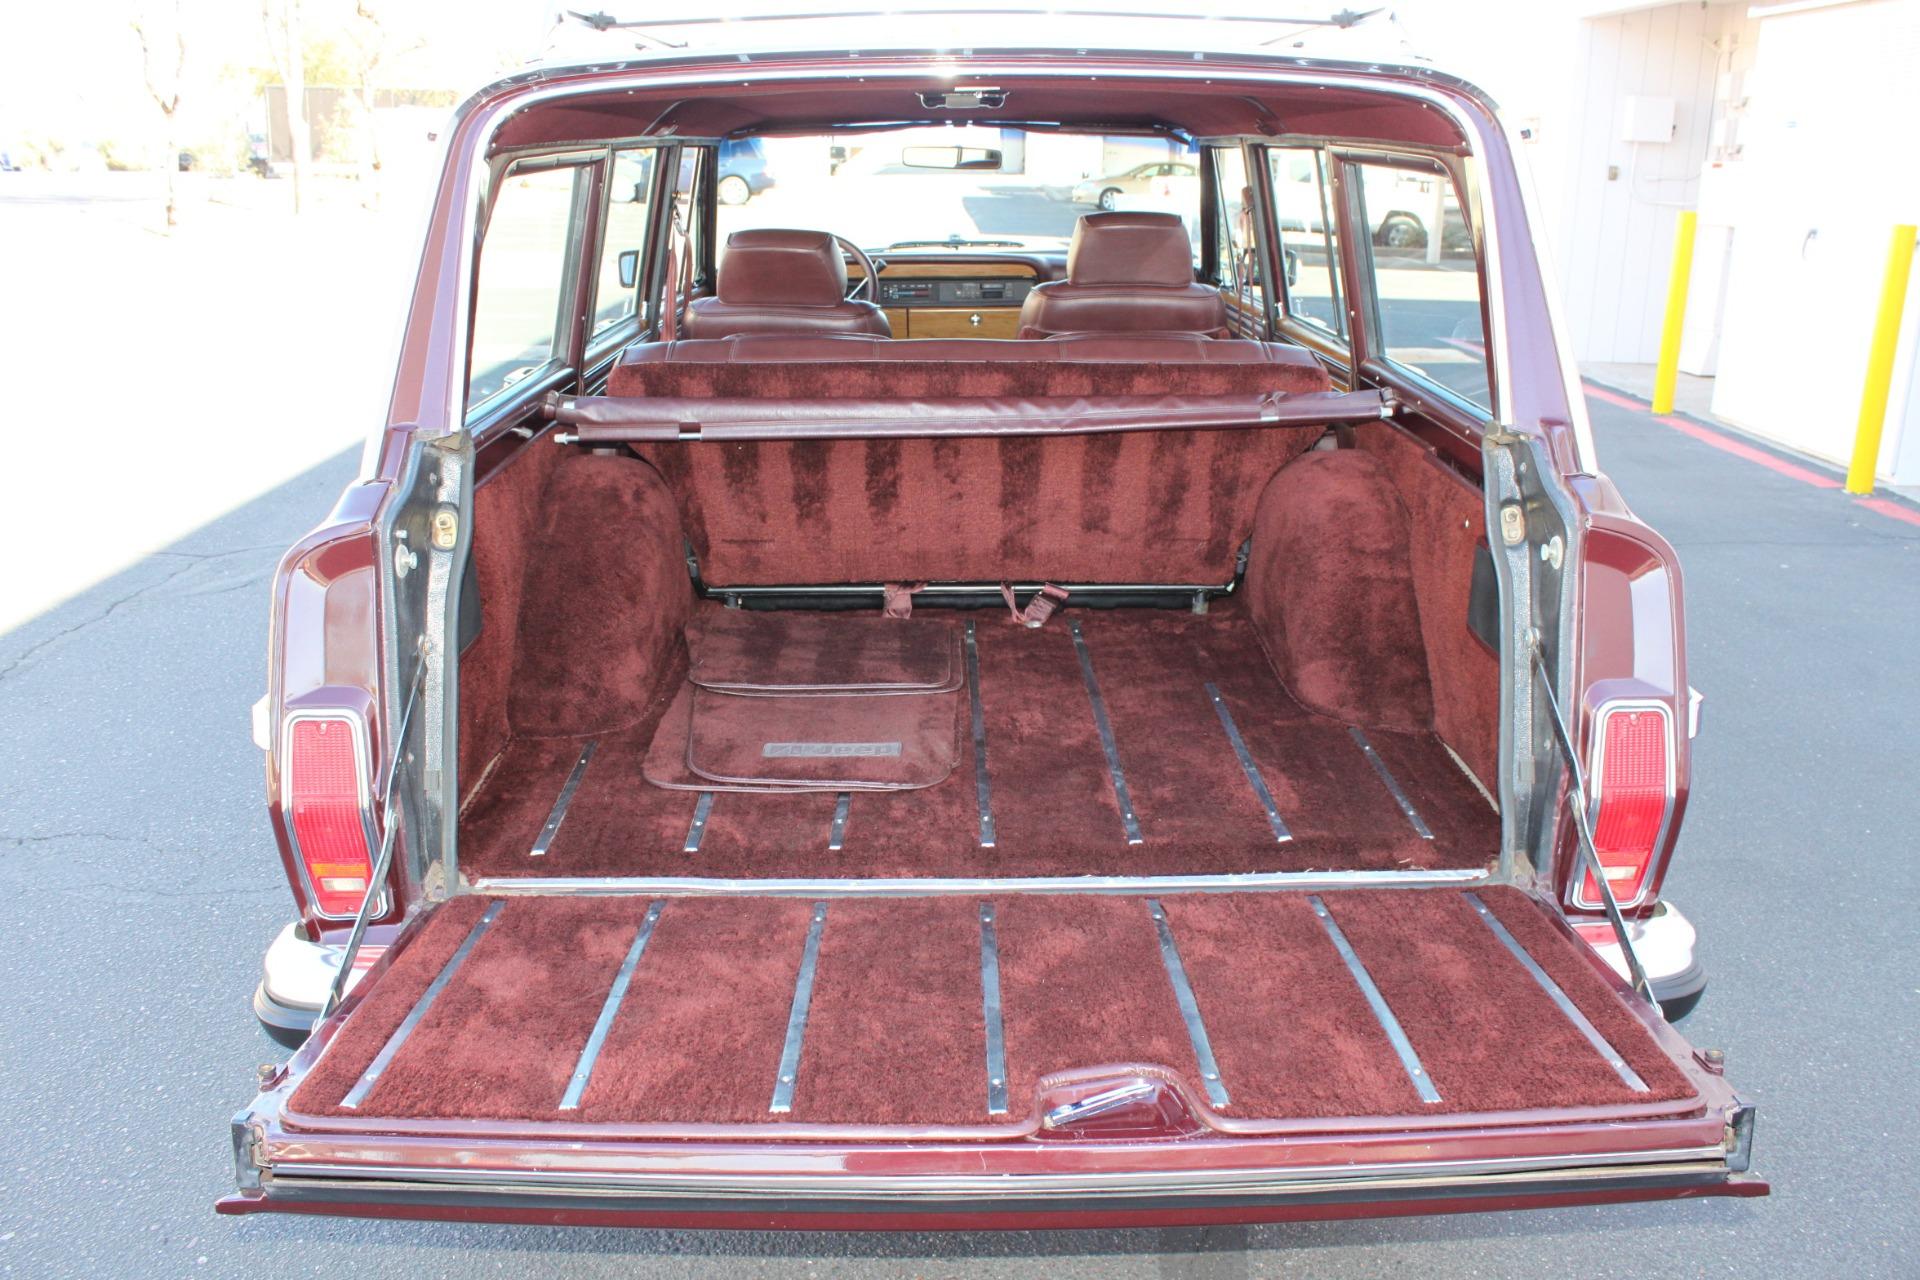 Used-1988-Jeep-Grand-Wagoneer-Jaguar